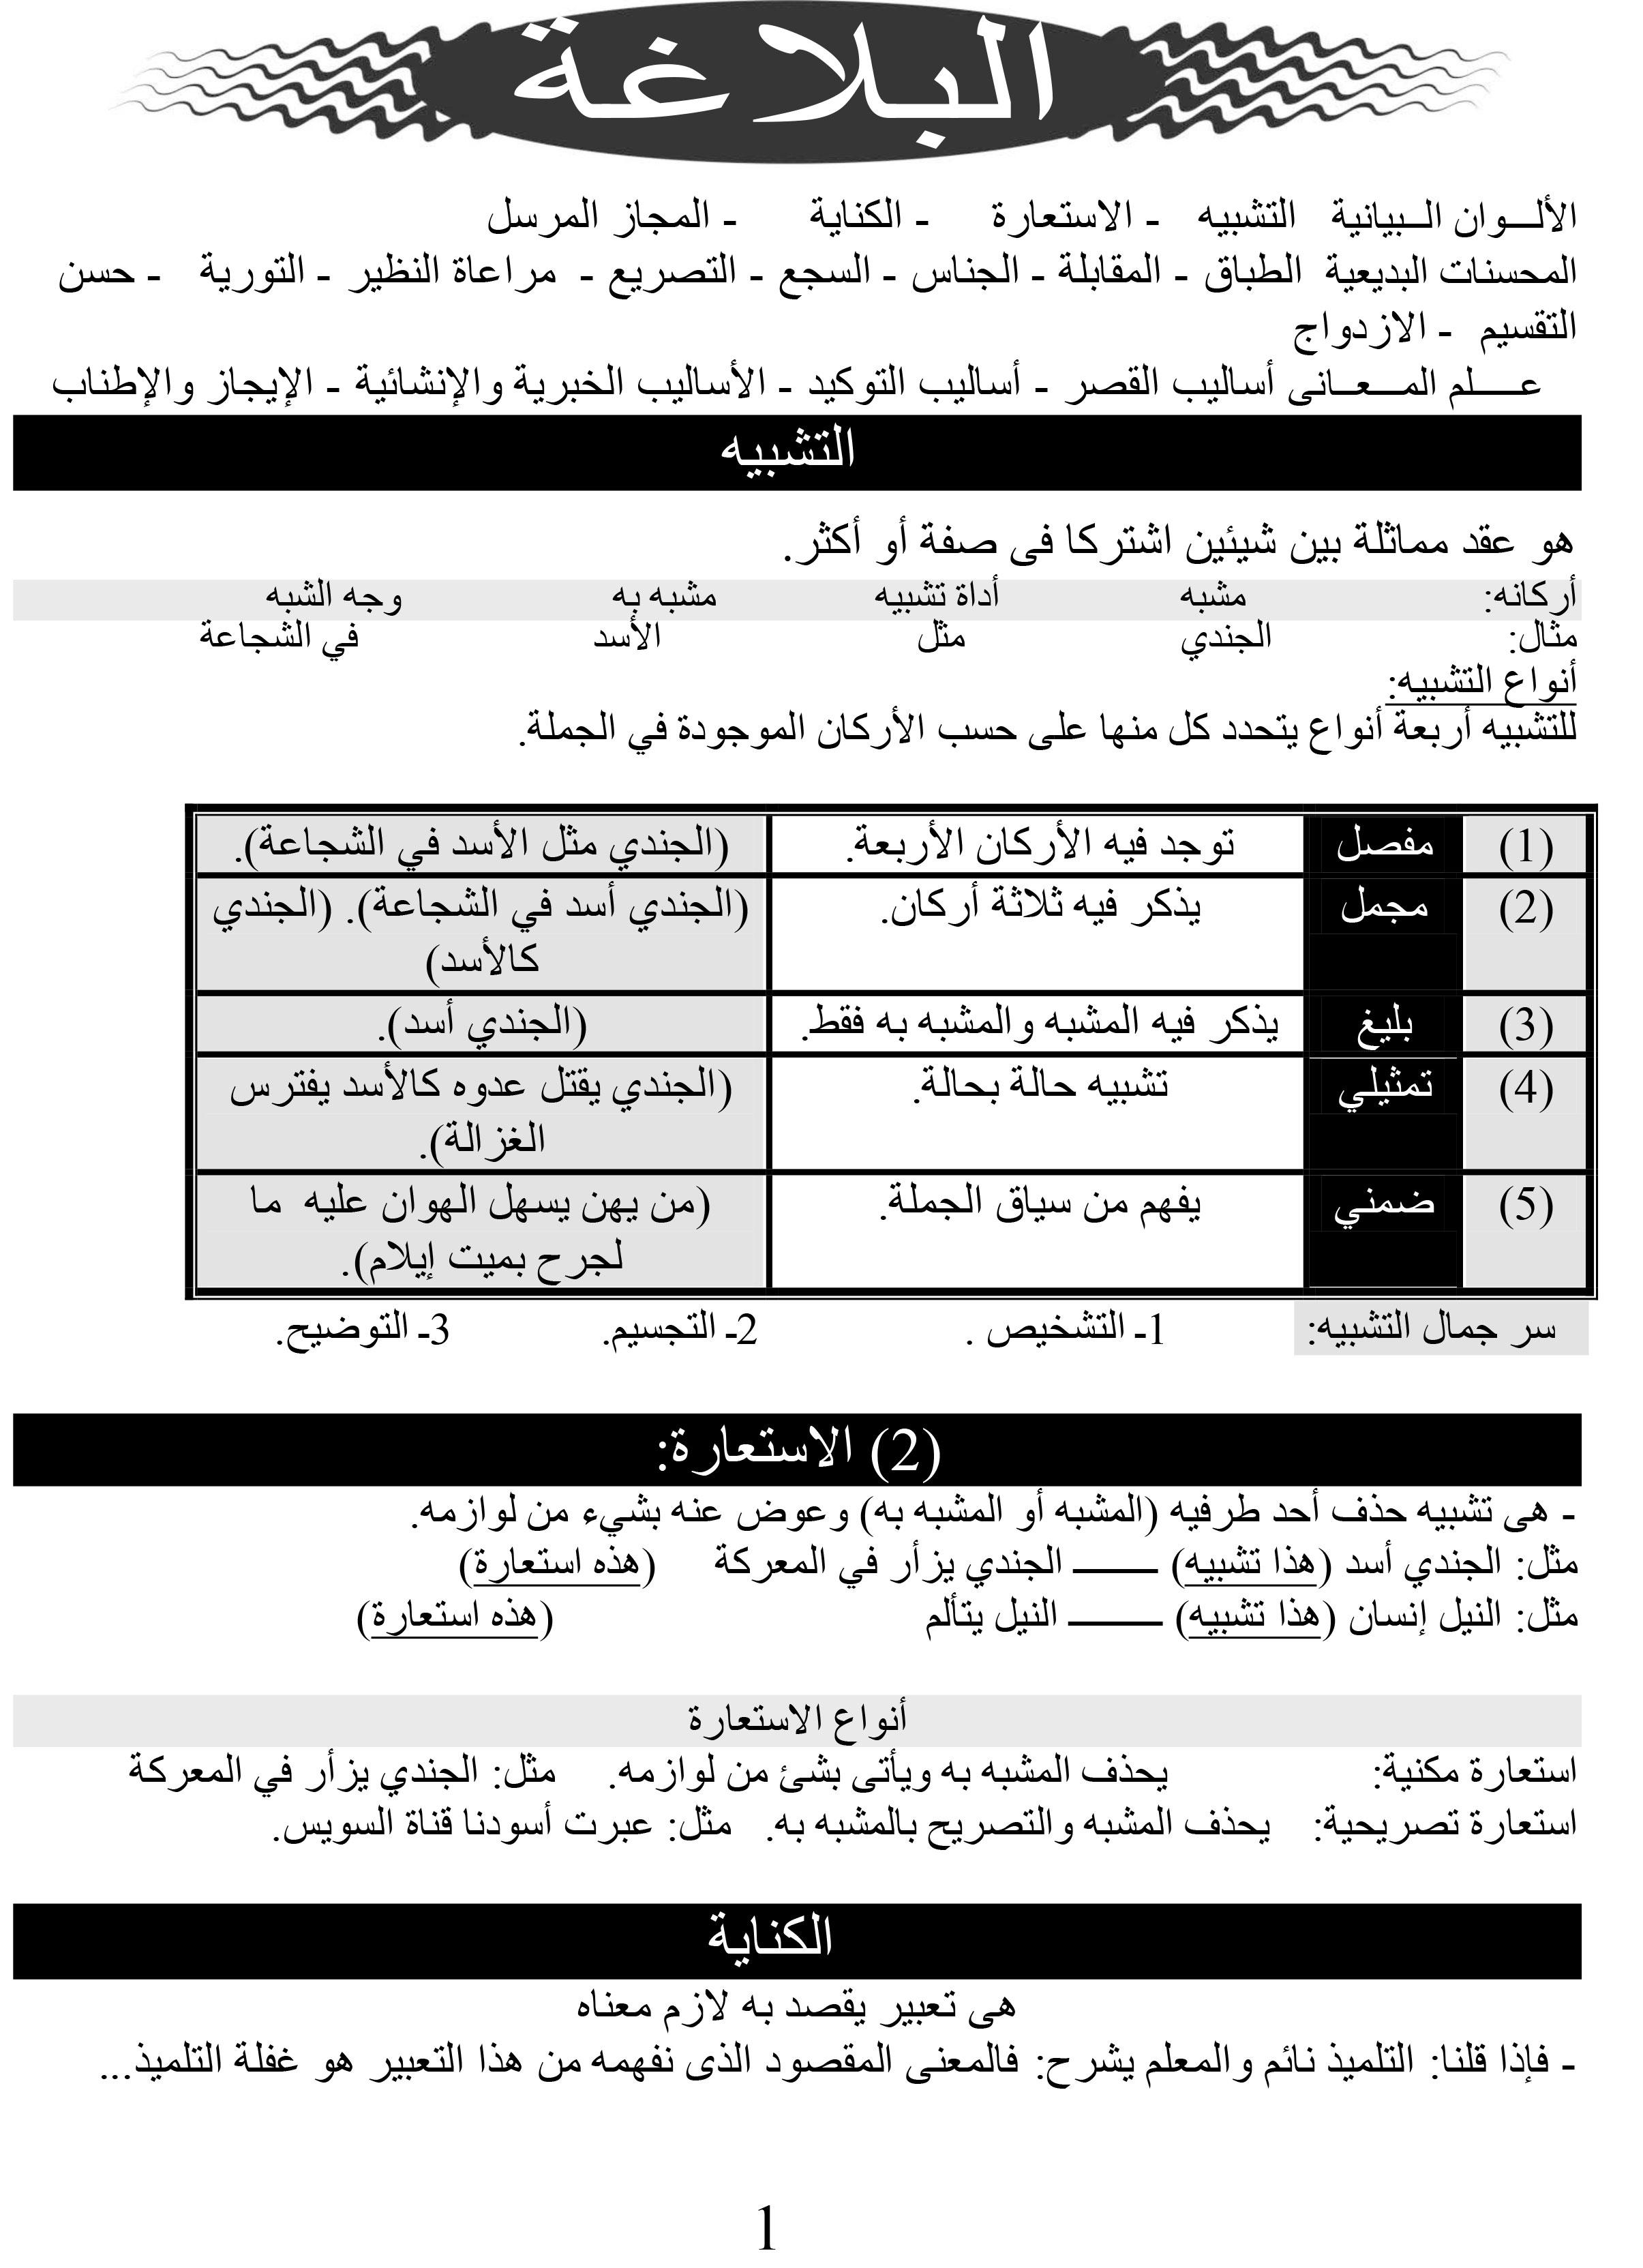 أقوى-المراجعات-النهائية-للثانوية-العامة--فى-اللغة-العربية-1